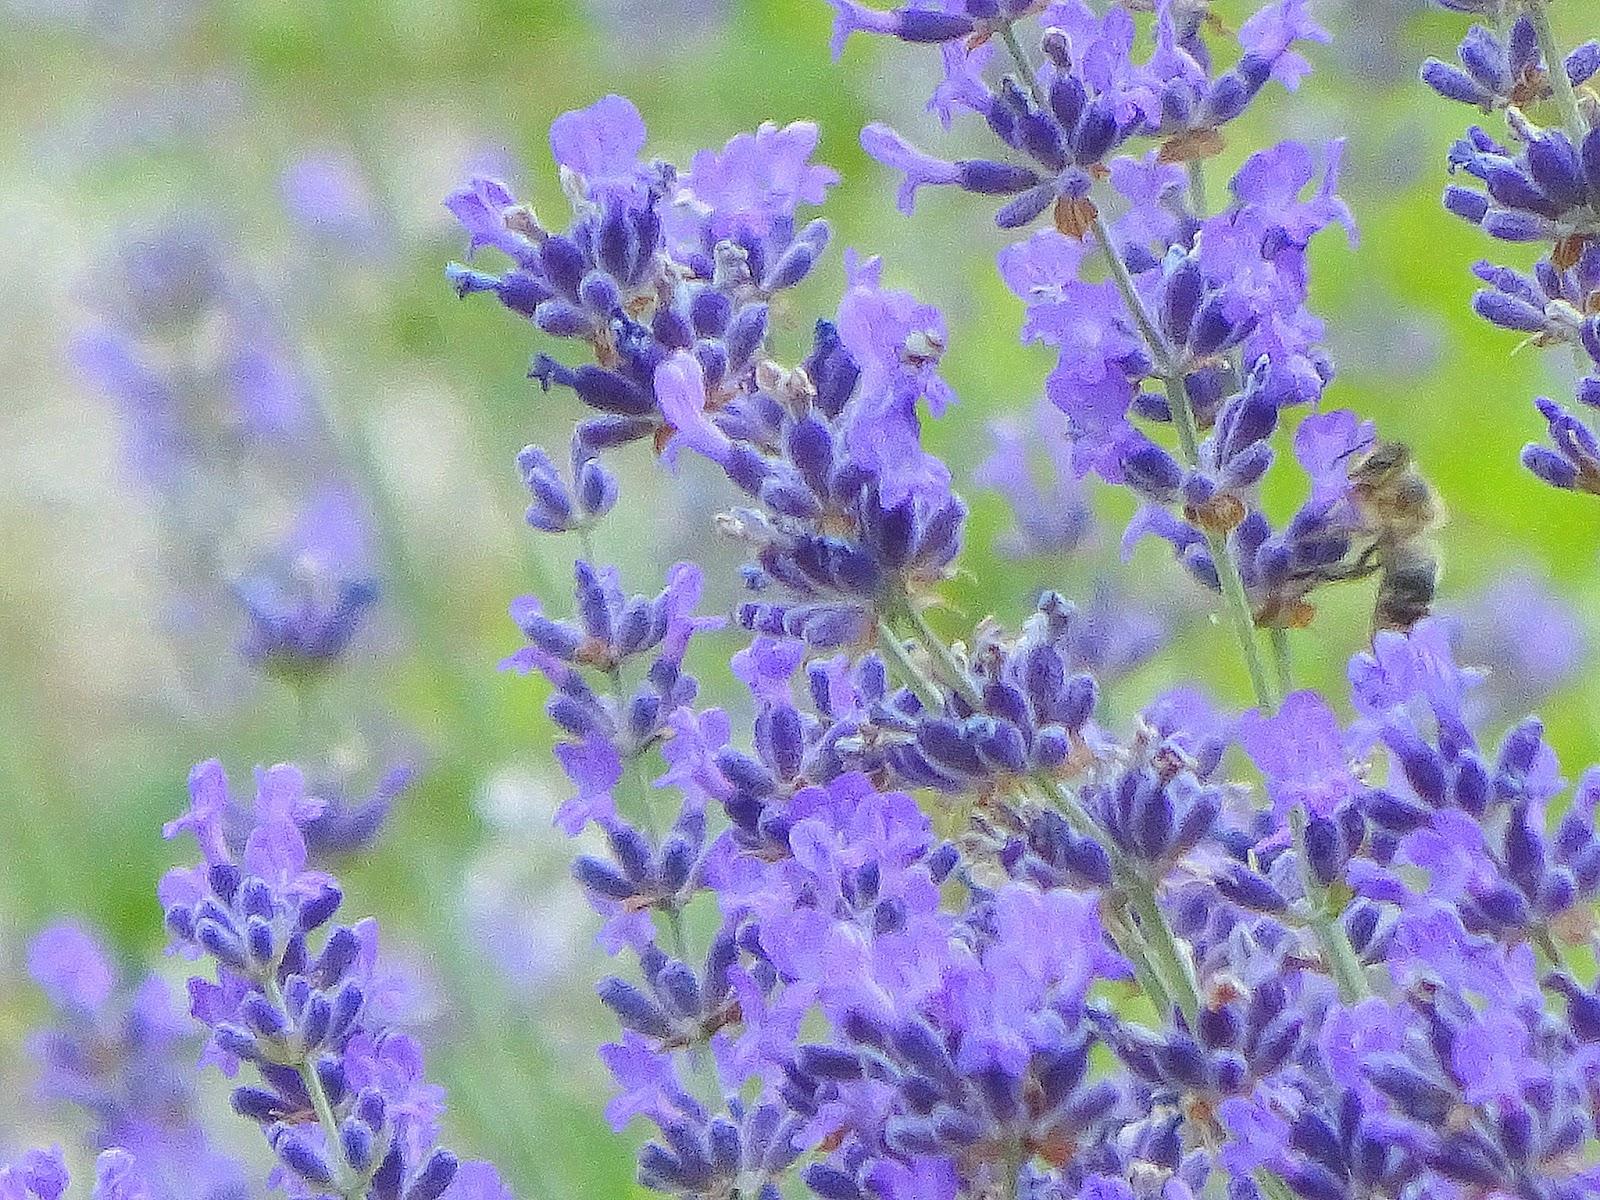 Hintergrundbilder Blaue Blume: MintPatina: Blaue Blumen